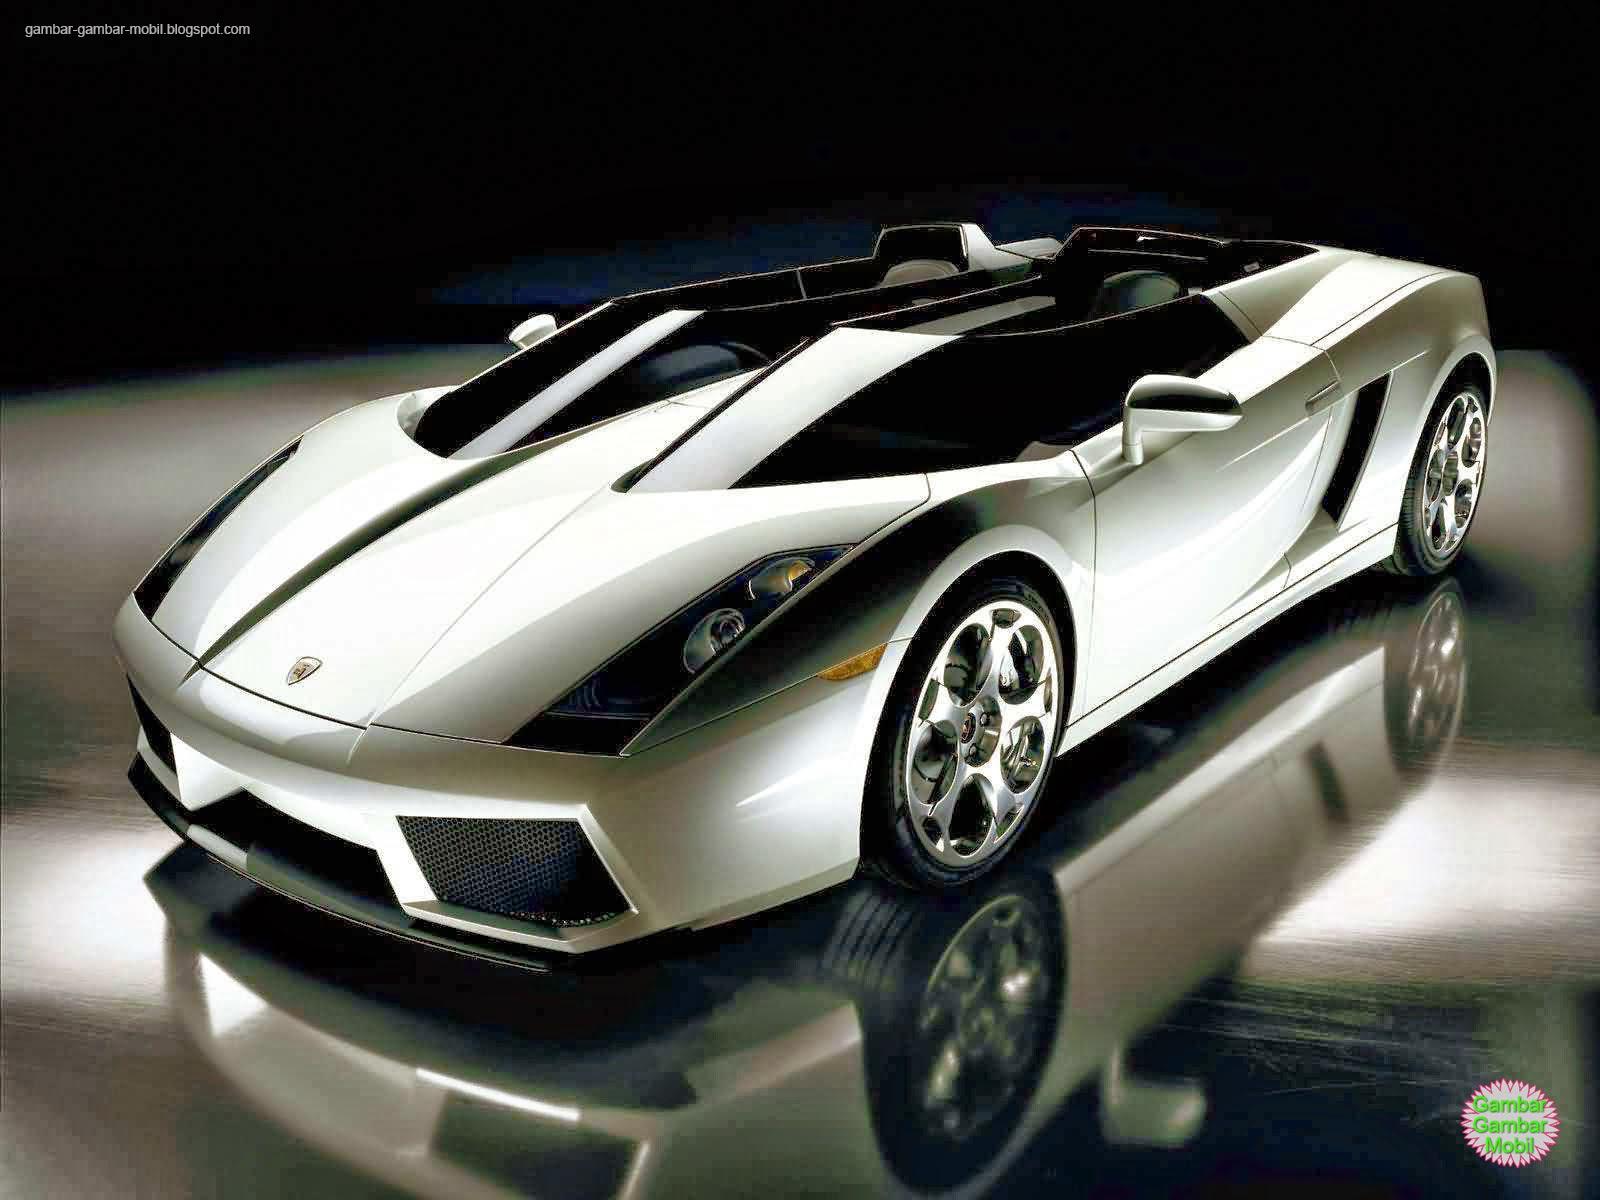 50 Wallpaper Gambar Mobil Lamborghini part 3  Koleksi Gambar